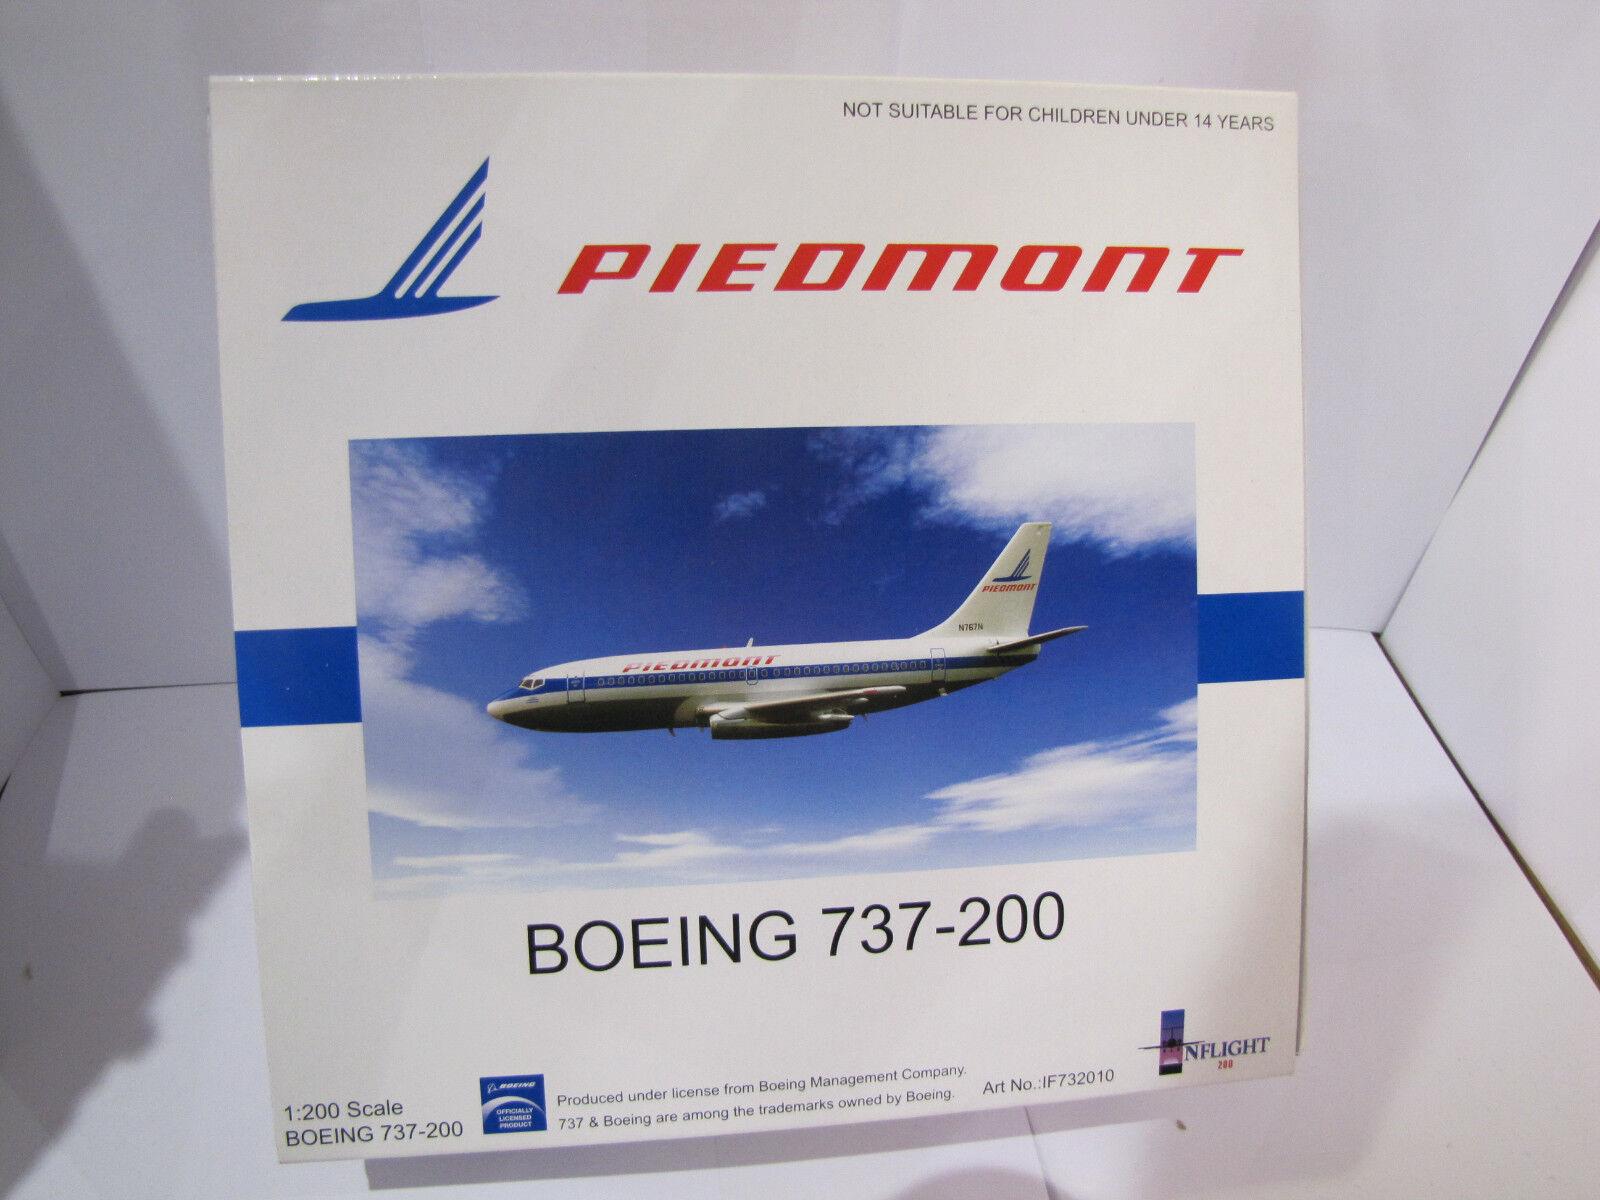 If732010-Inflight-Boeing 737-200 - Piedmont - 1:200